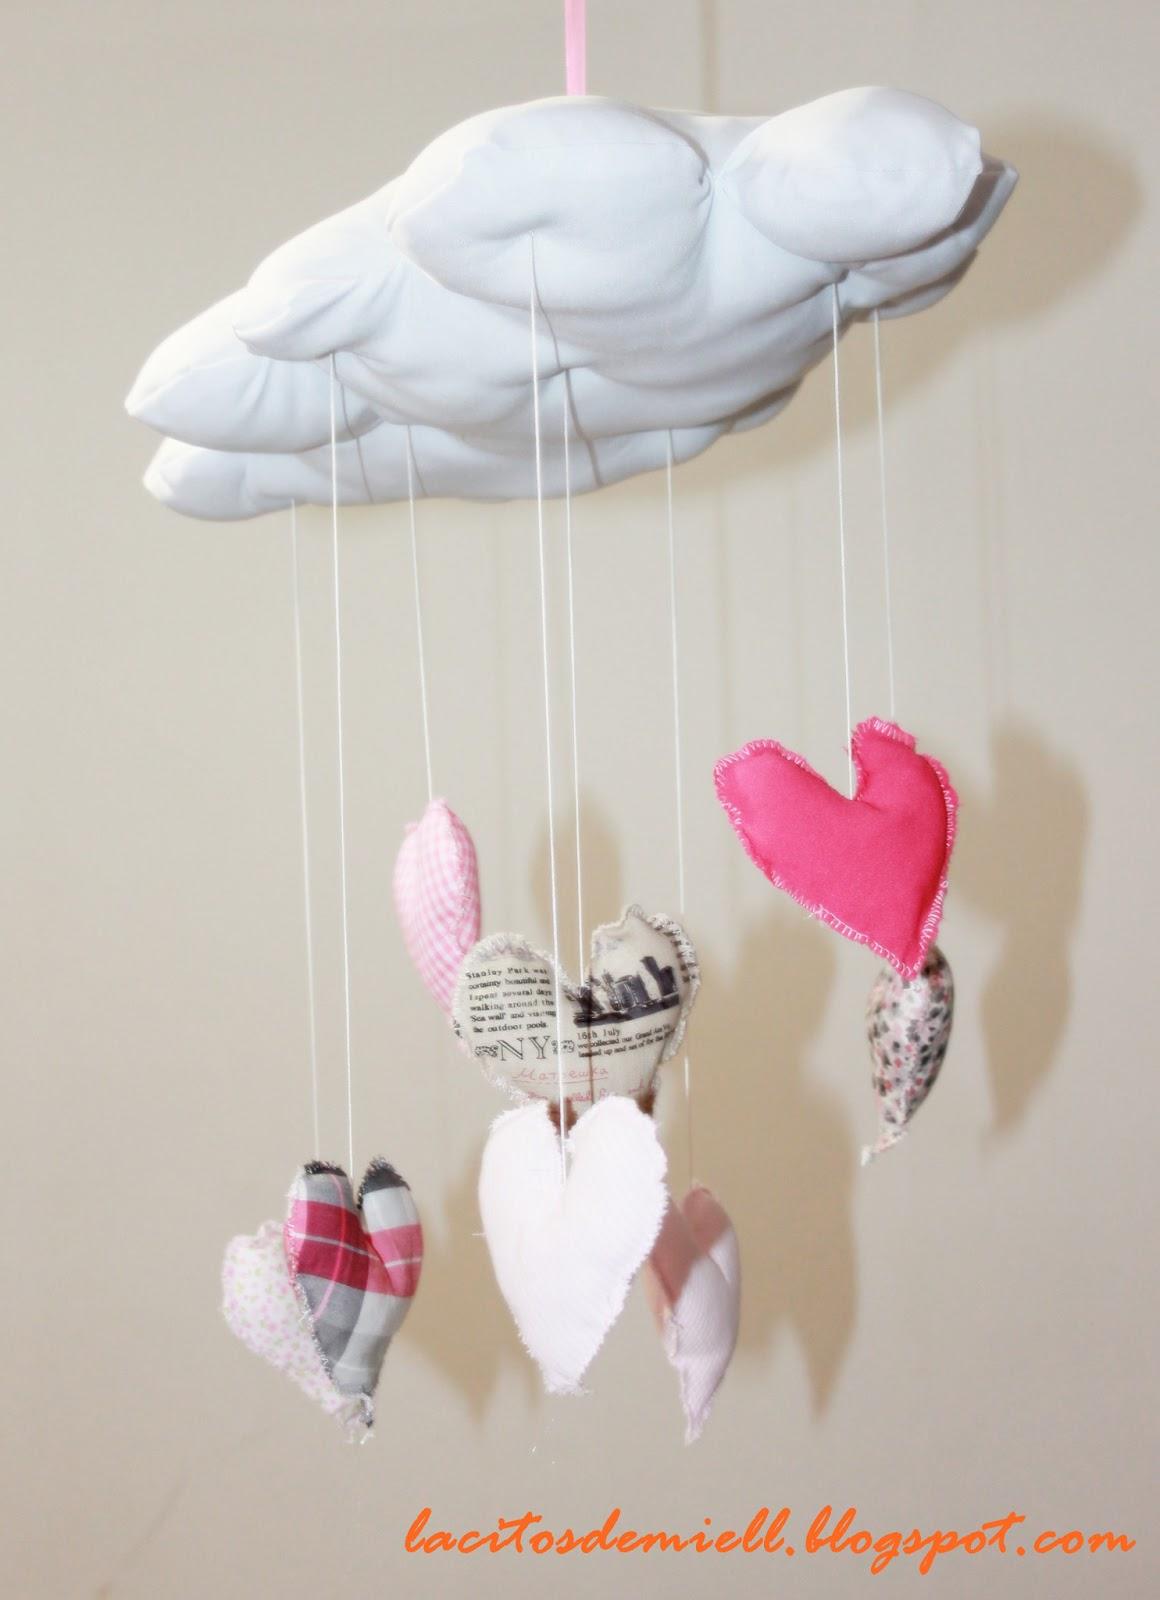 Lacitos de miel un paseo por las nubes for Detalles para decorar mi cuarto